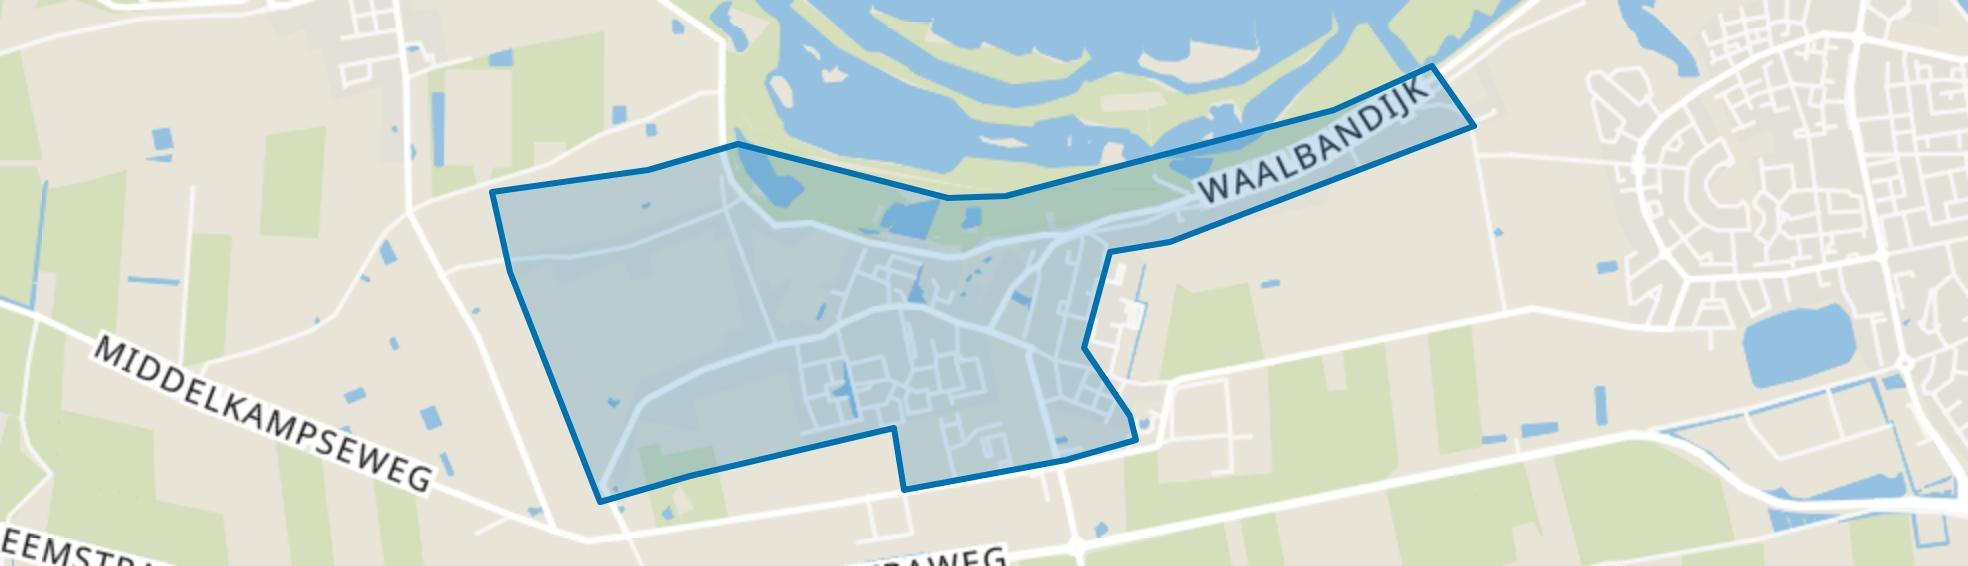 Gameren, Gameren map